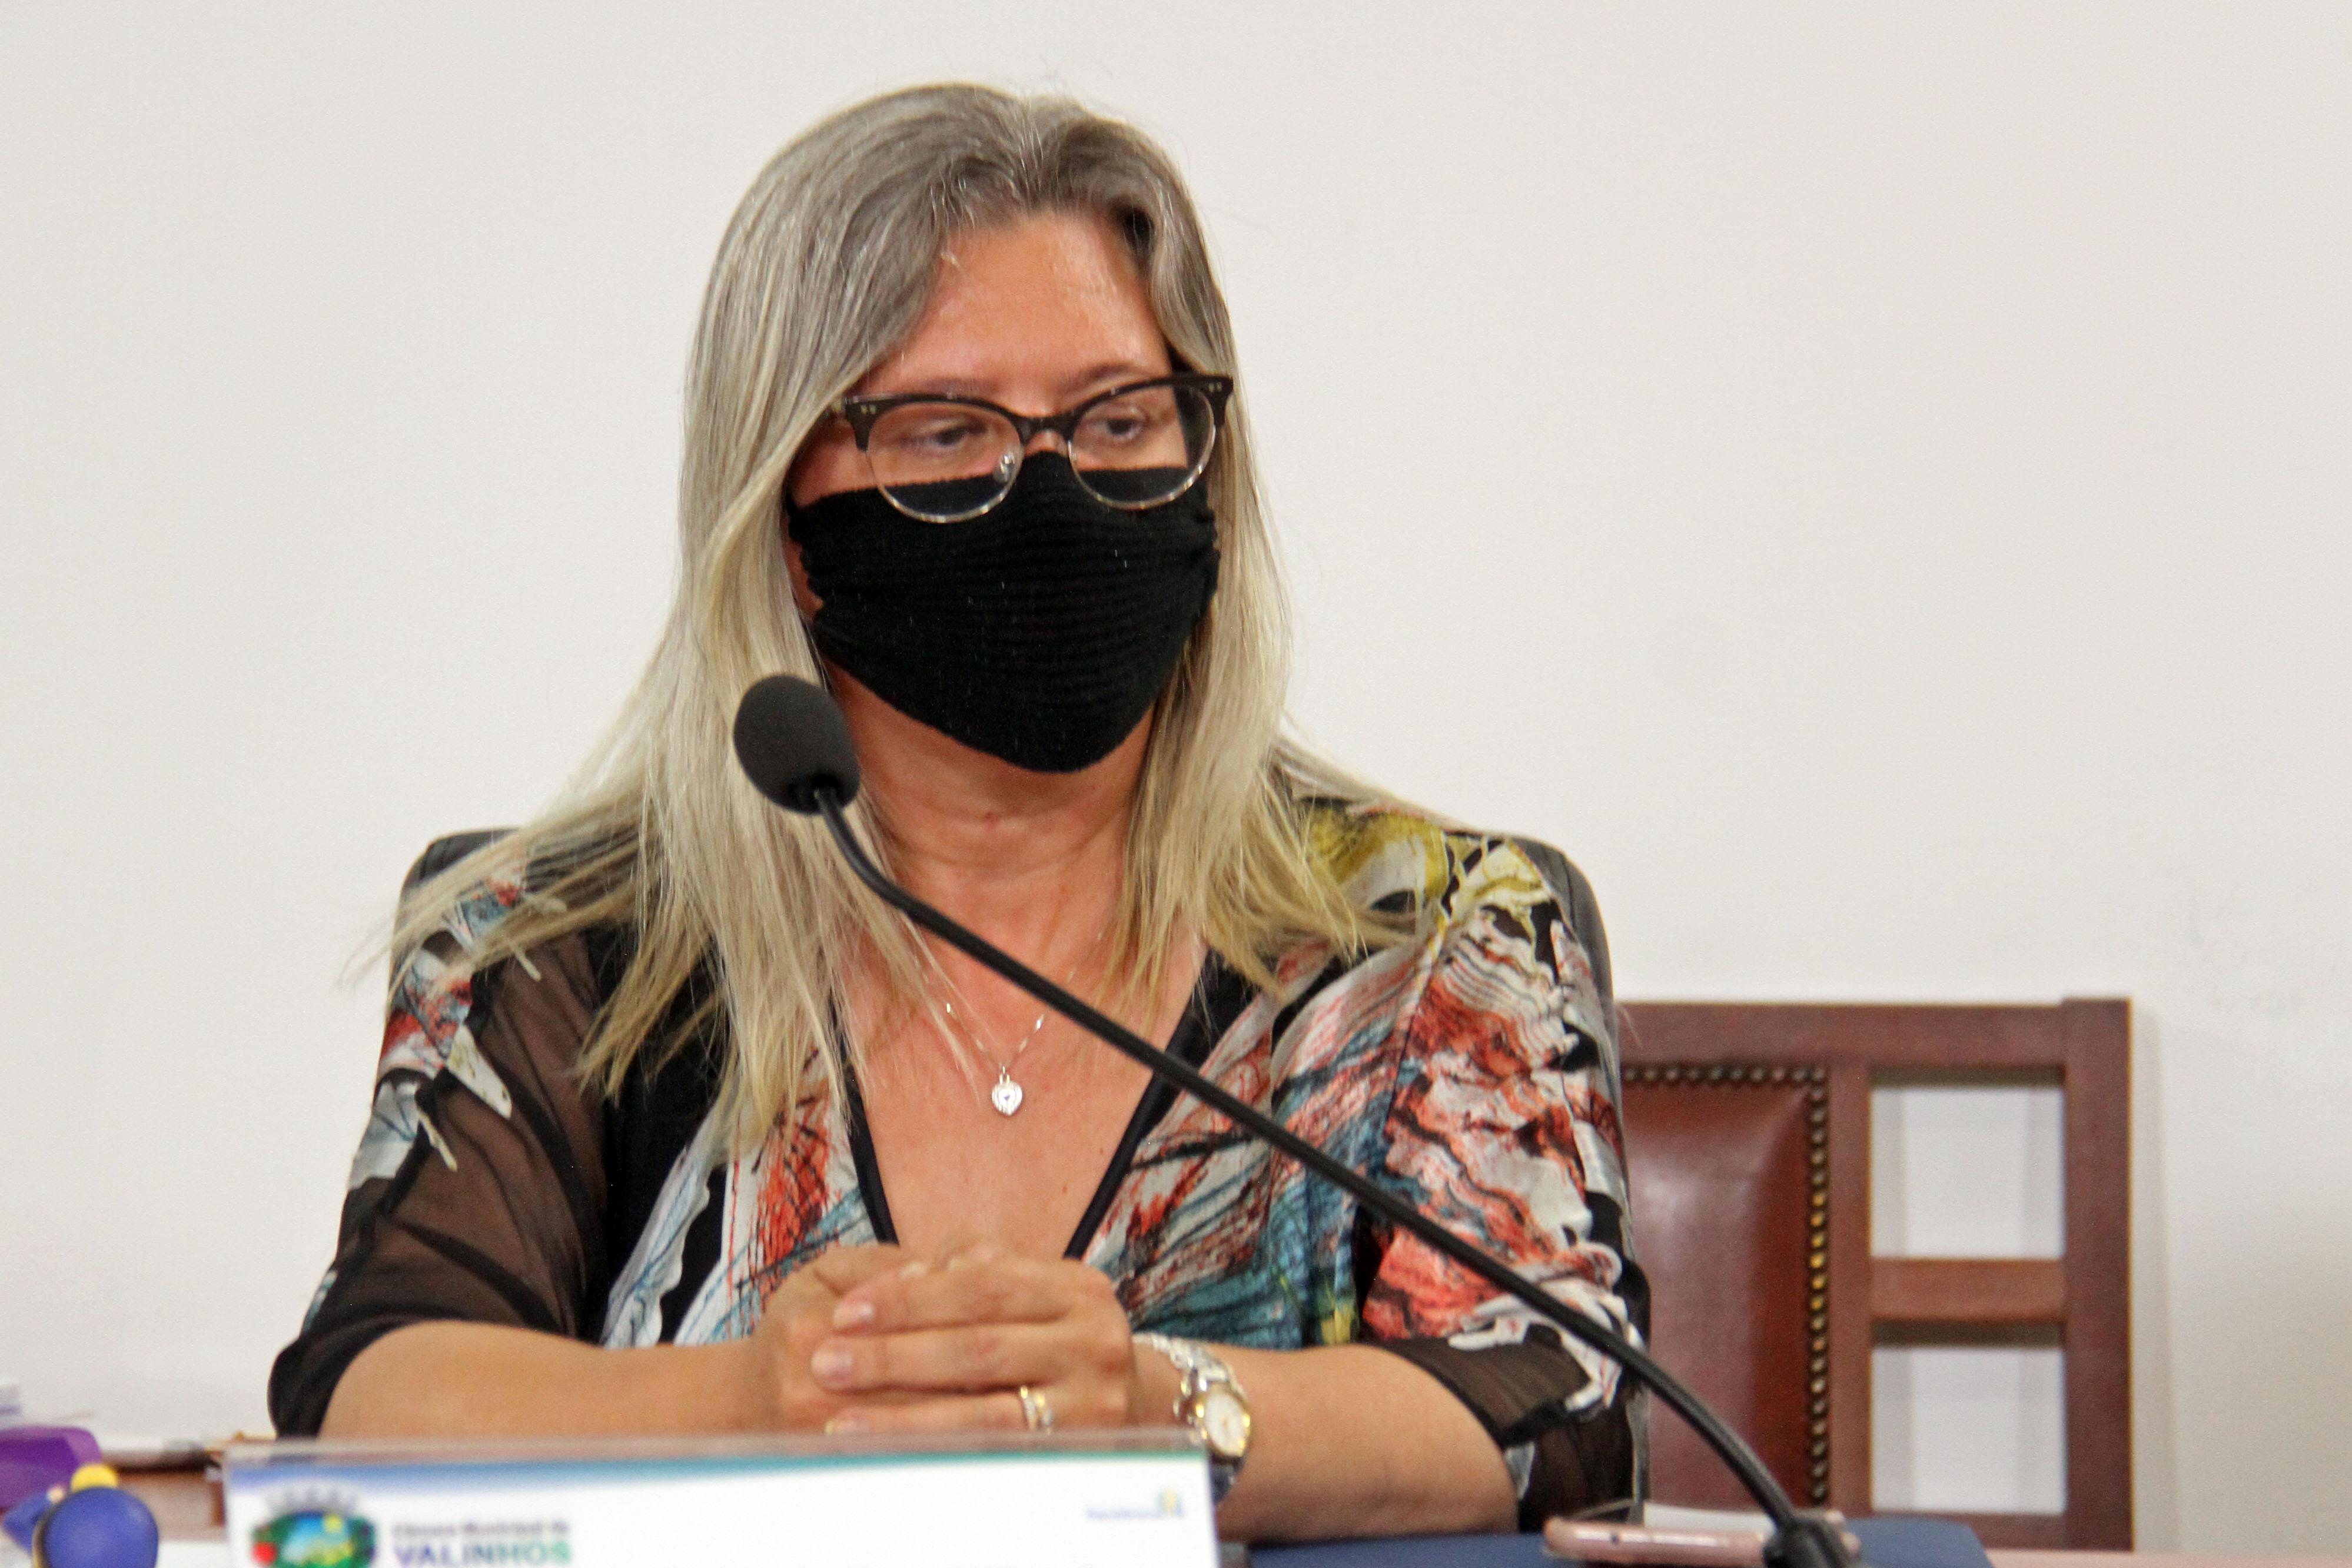 #PraCegoVer: Foto mostra a vereadora Simone Bellini sentada em seu lugar durante a sessão ordinária.